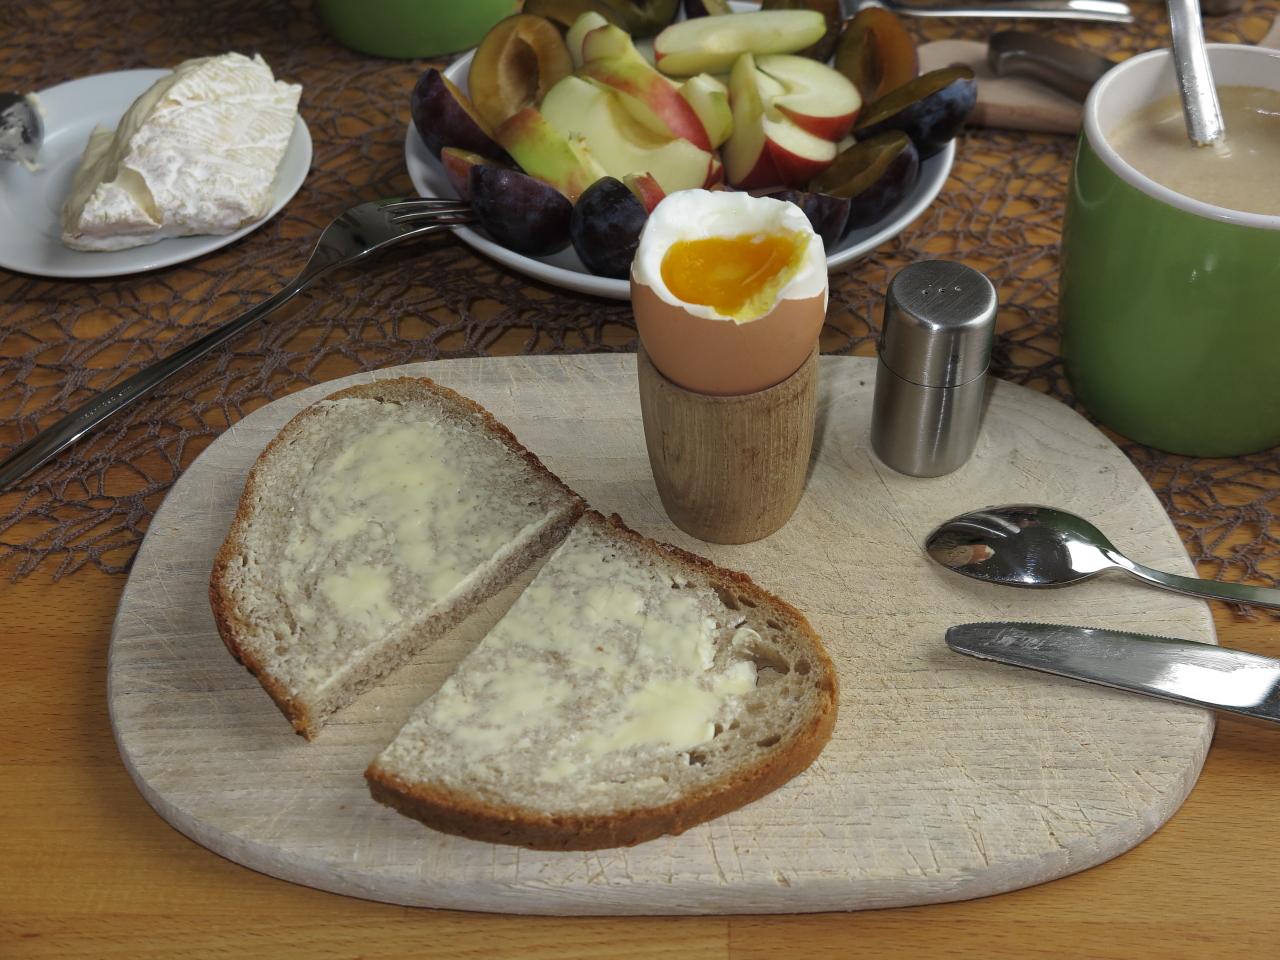 Erweiterte Akkorde – Erklärt mit Broten